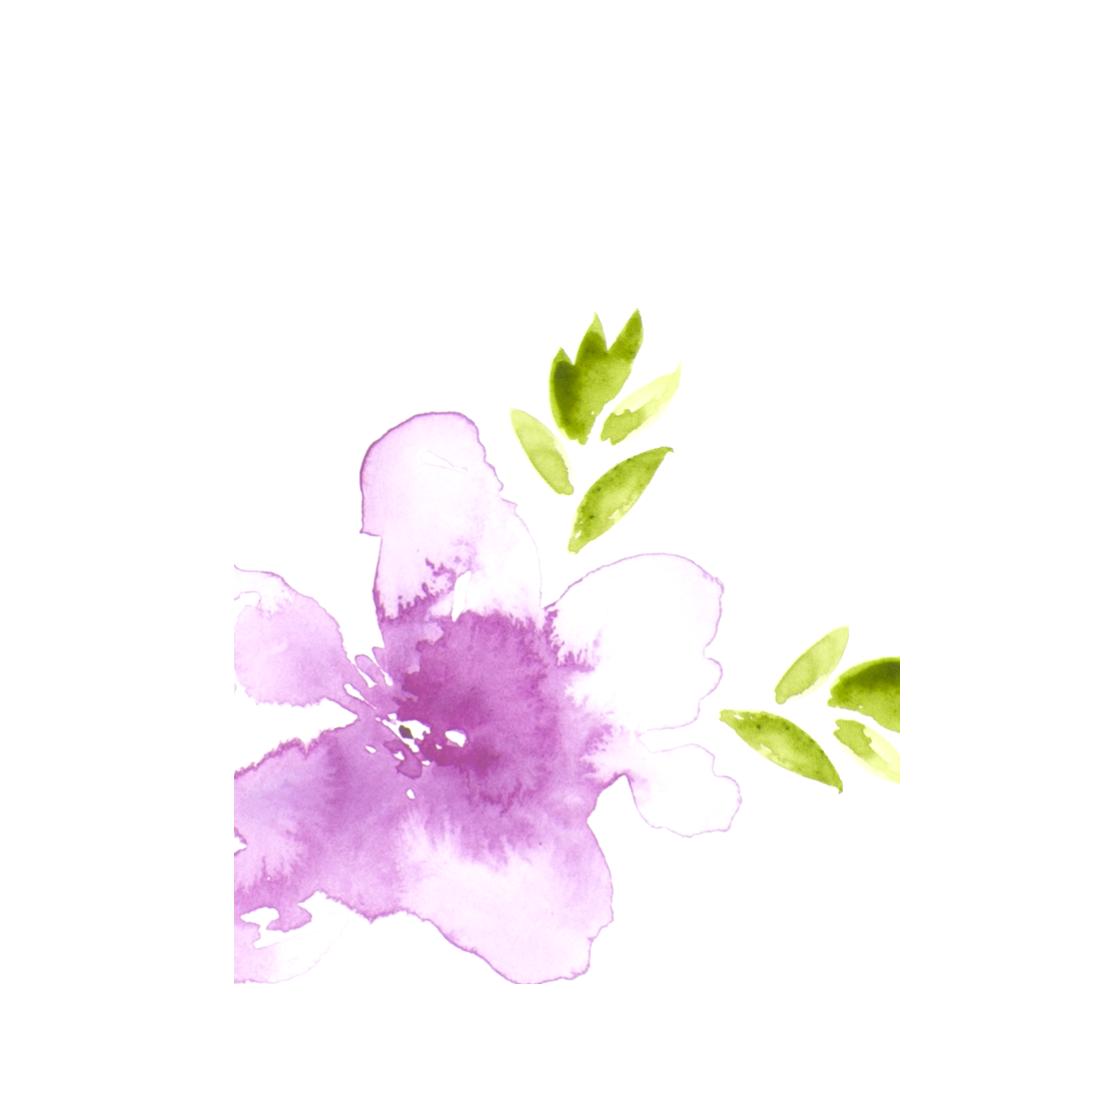 adoramaPix-illustration-by-natasha-rose-07.png